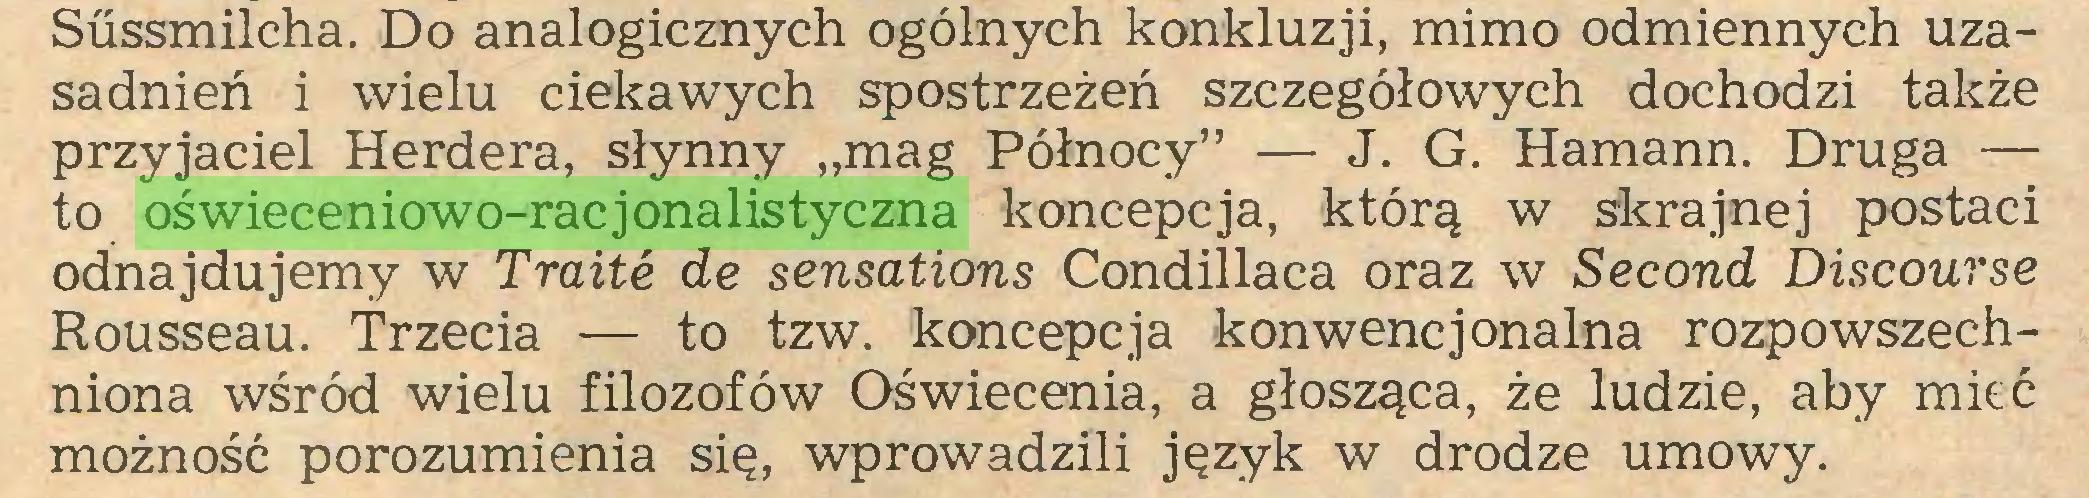 """(...) Süssmilcha. Do analogicznych ogólnych konkluzji, mimo odmiennych uzasadnień i wielu ciekawych spostrzeżeń szczegółowych dochodzi także przyjaciel Herdera, słynny """"mag Północy"""" — J. G. Hamann. Druga — to oświeceniowo-racjonalistyczna koncepcja, którą w skrajnej postaci odnajdujemy w Traité de sensations Condillaca oraz w Second Discourse Rousseau. Trzecia — to tzw. koncepcja konwencjonalna rozpowszechniona wśród wielu filozofów Oświecenia, a głosząca, że ludzie, aby mieć możność porozumienia się, wprowadzili język w drodze umowy..."""